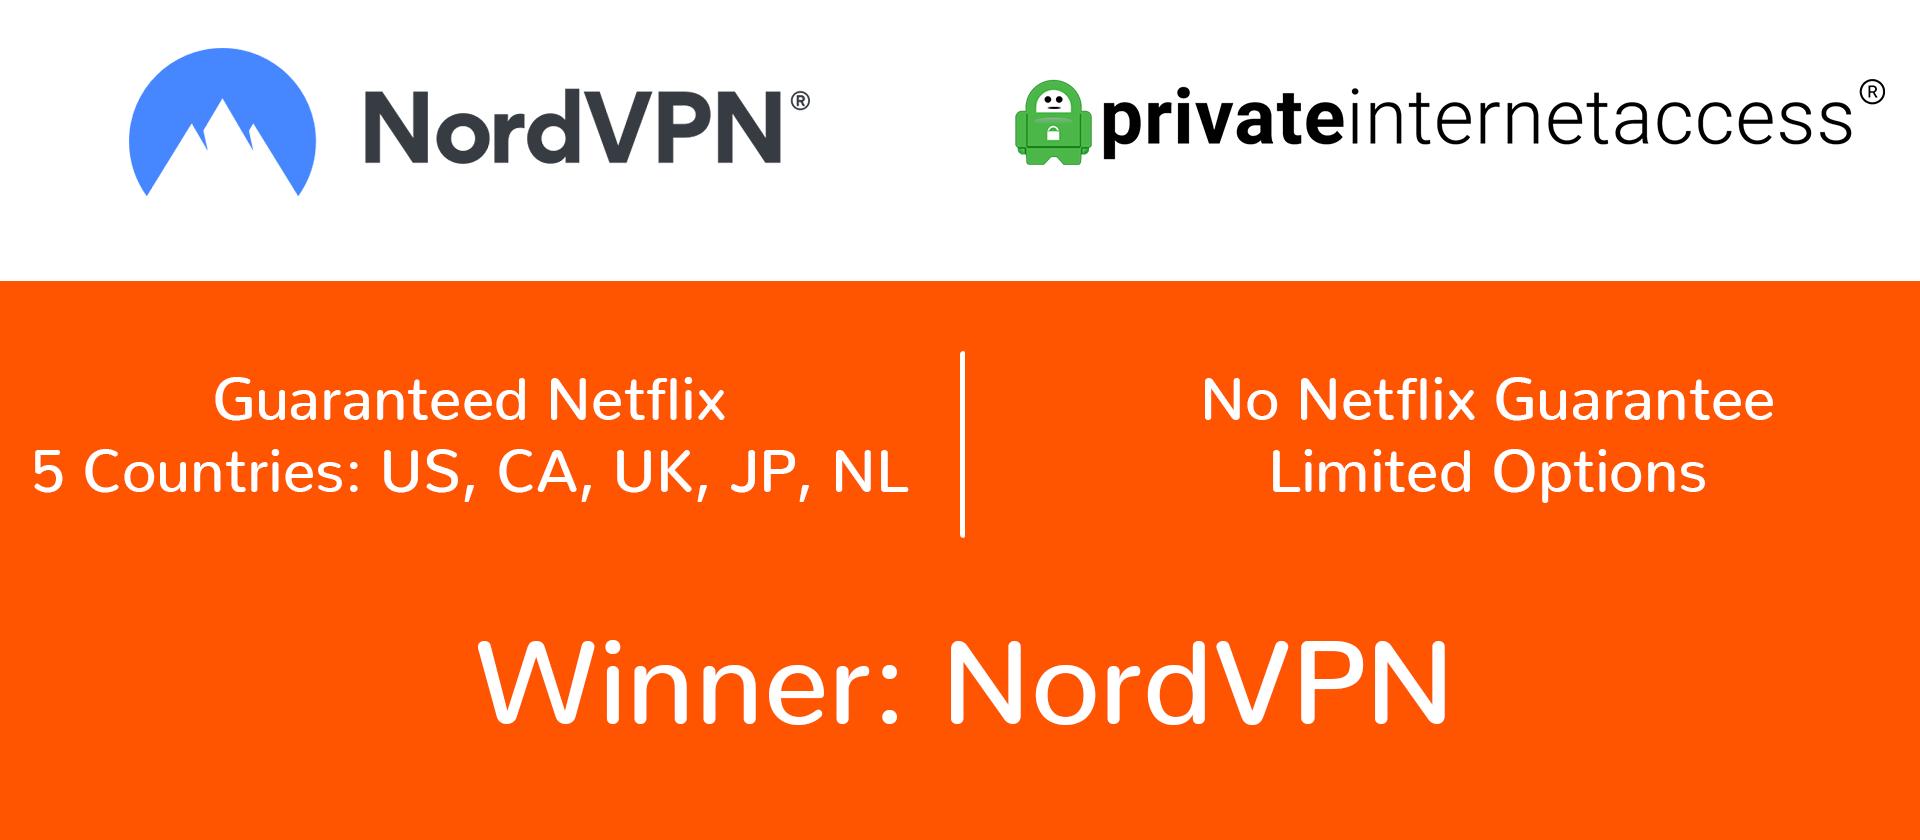 NordVPN vs PIA netflix access